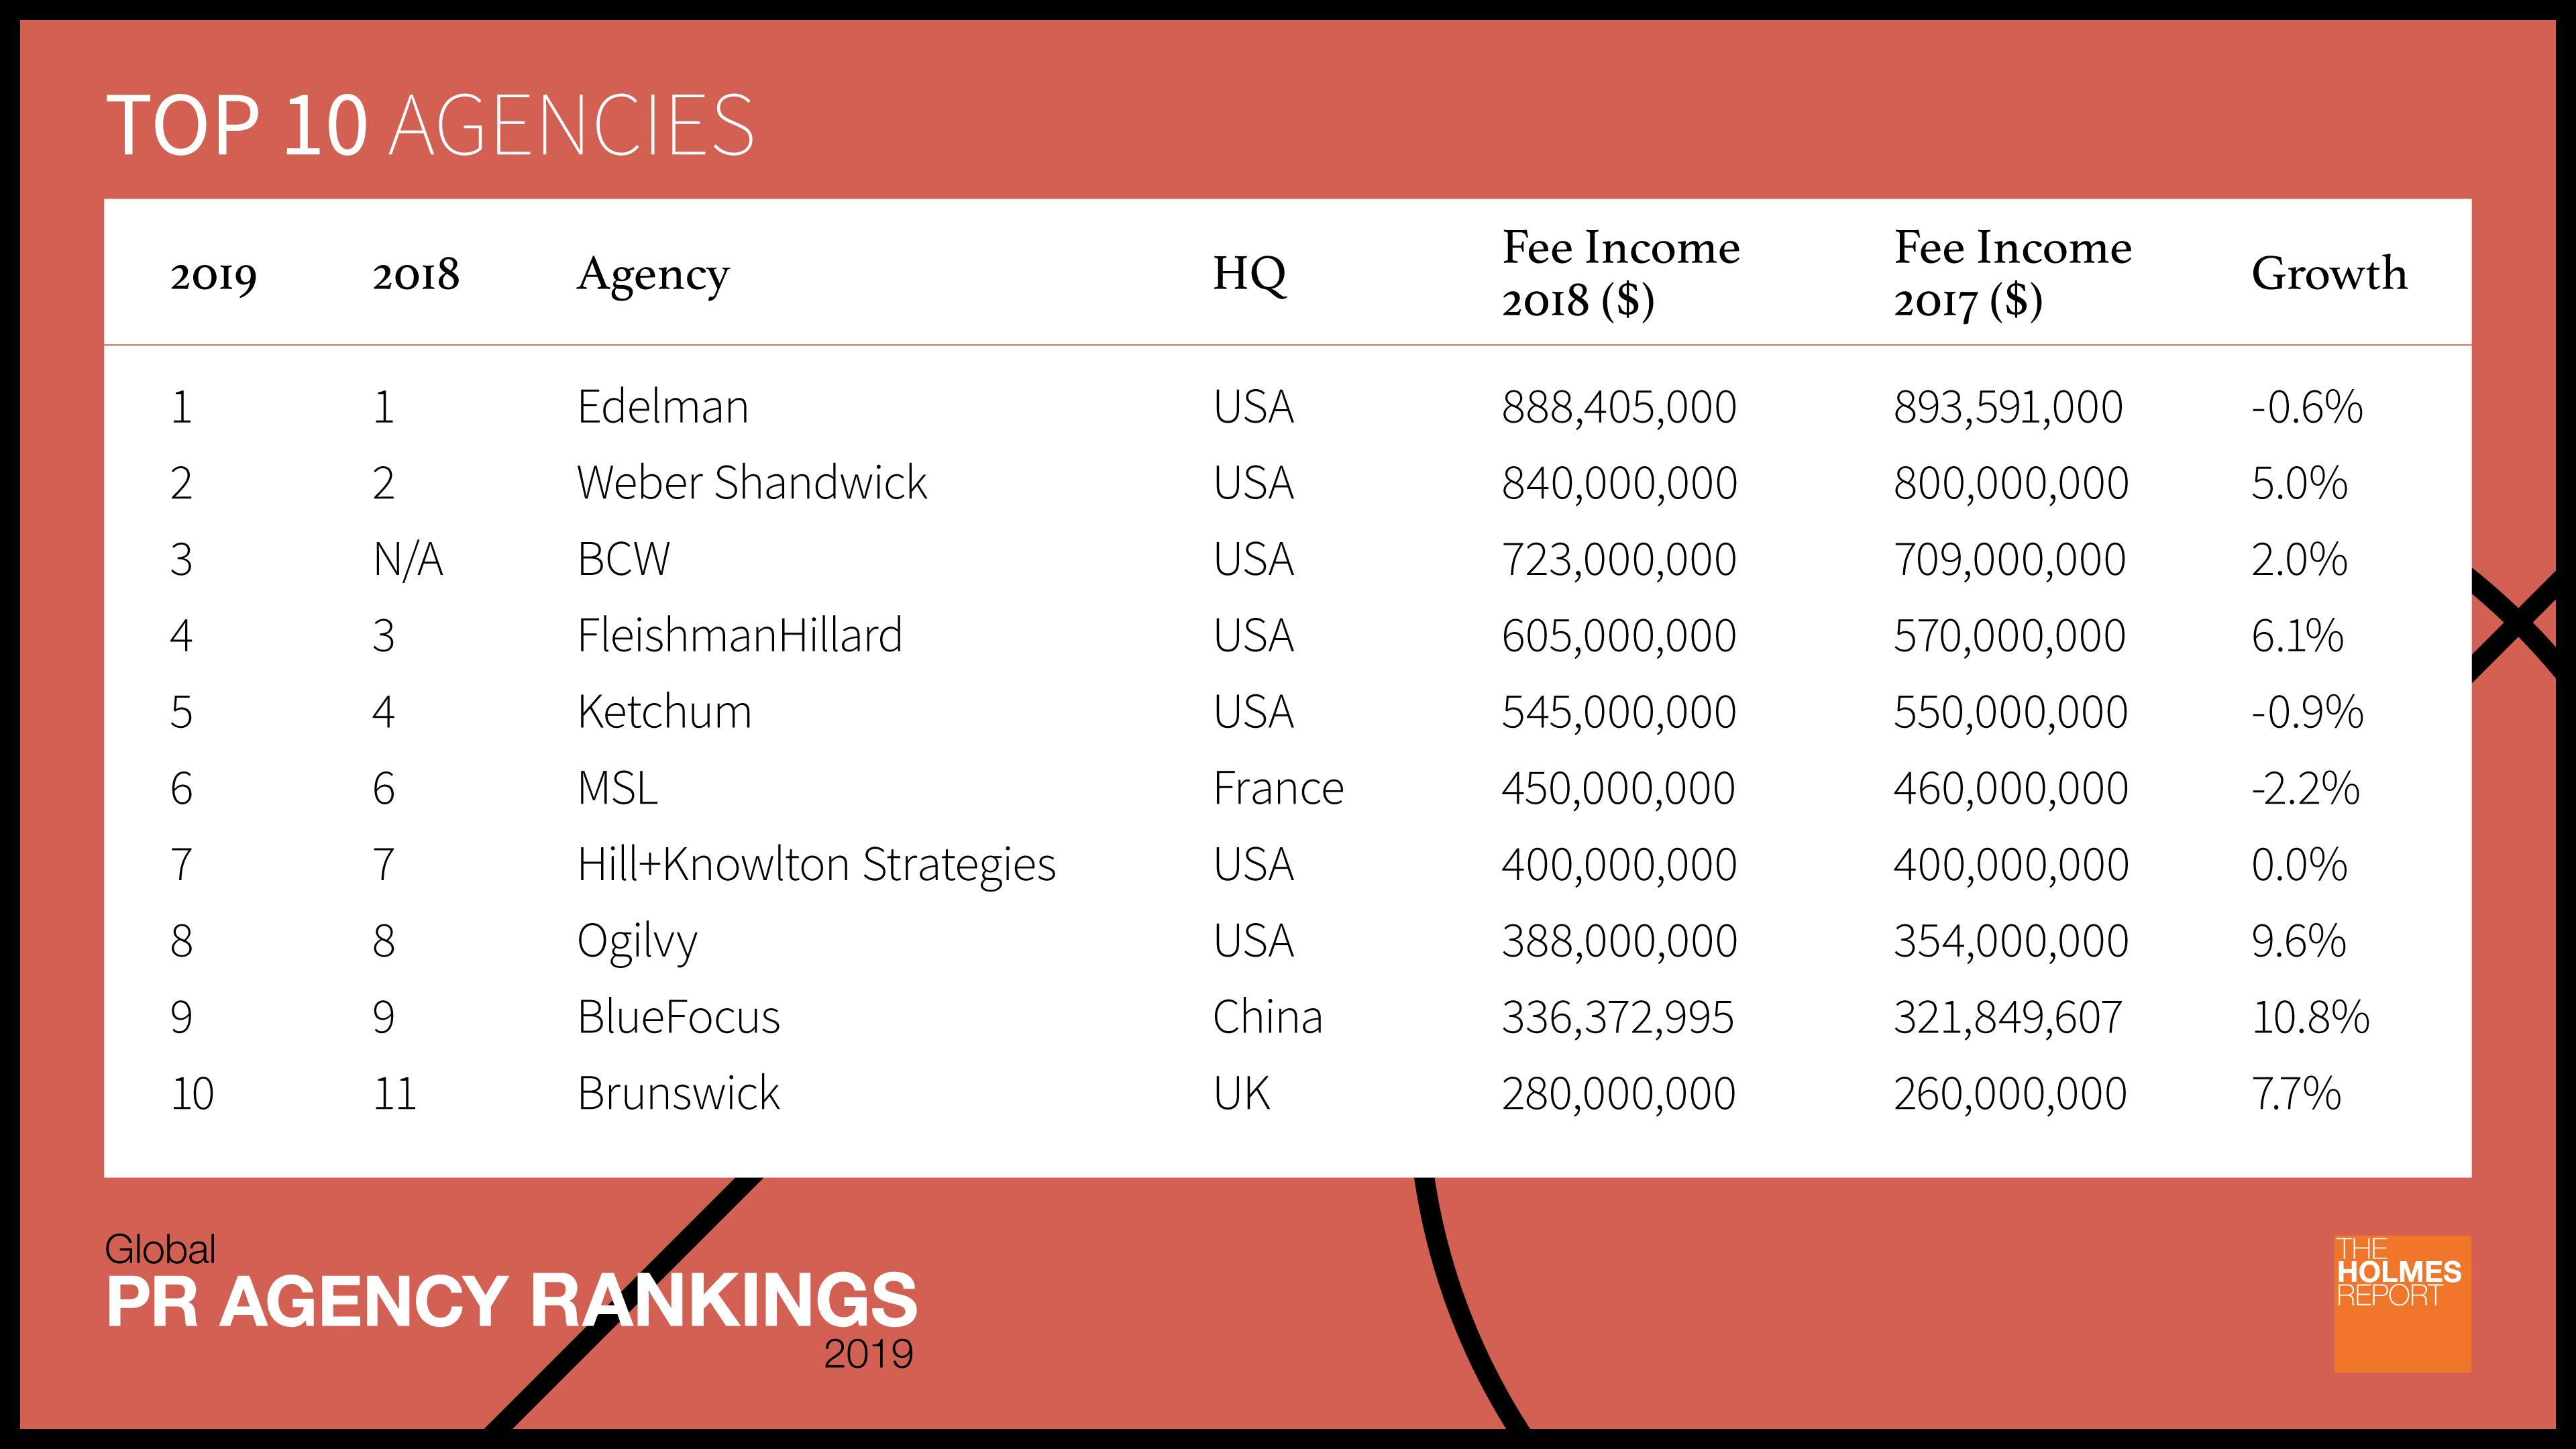 2019 Global PR Agency Rankings: Top 10